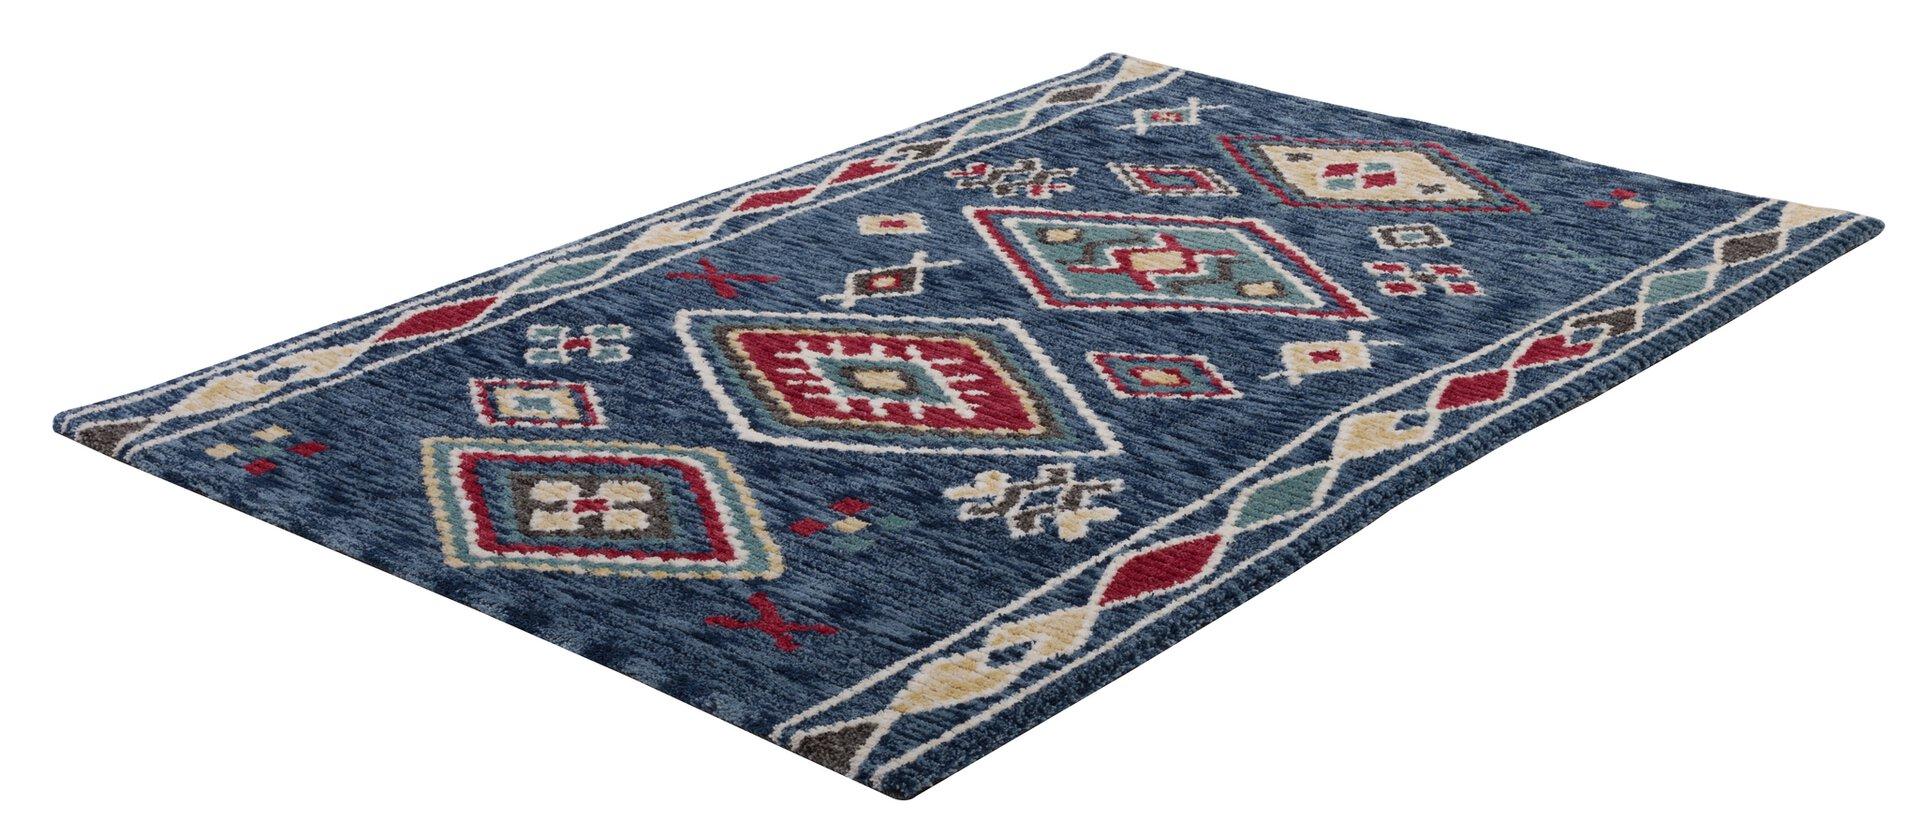 Handtuftteppich Vittoria Gino Falcone Textil Blau 1 cm